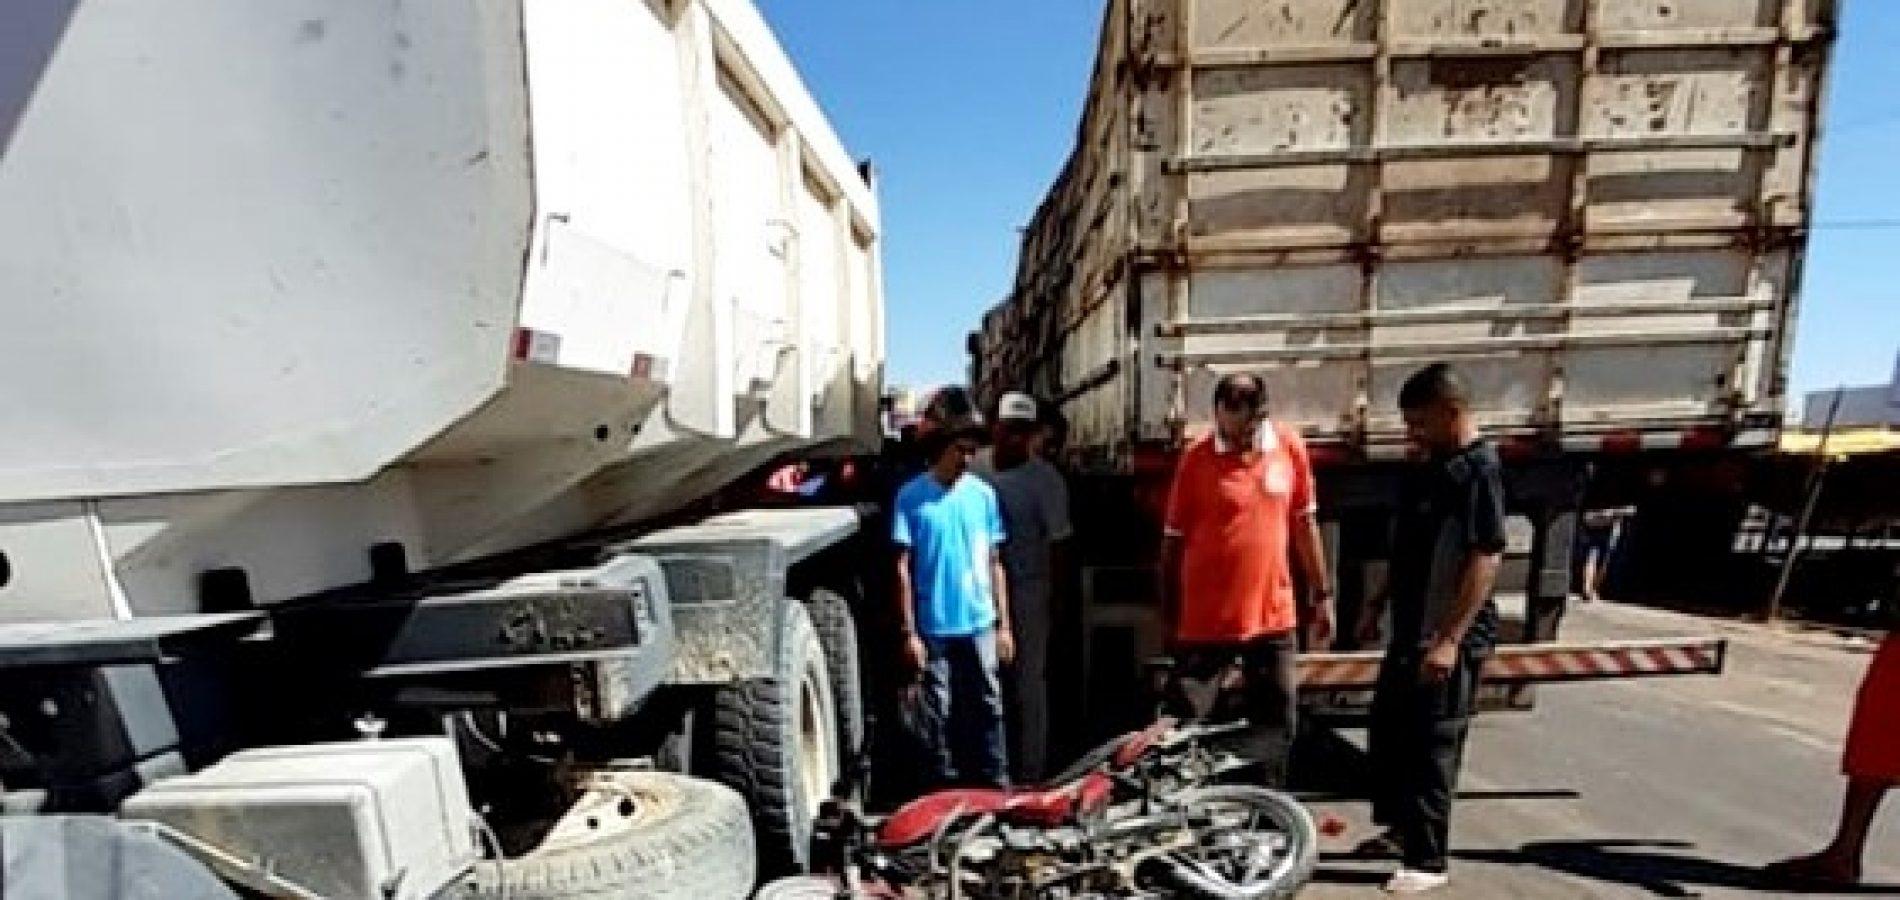 Motociclista morre após colidir com dois caminhões em Marcolândia - Imagem 1